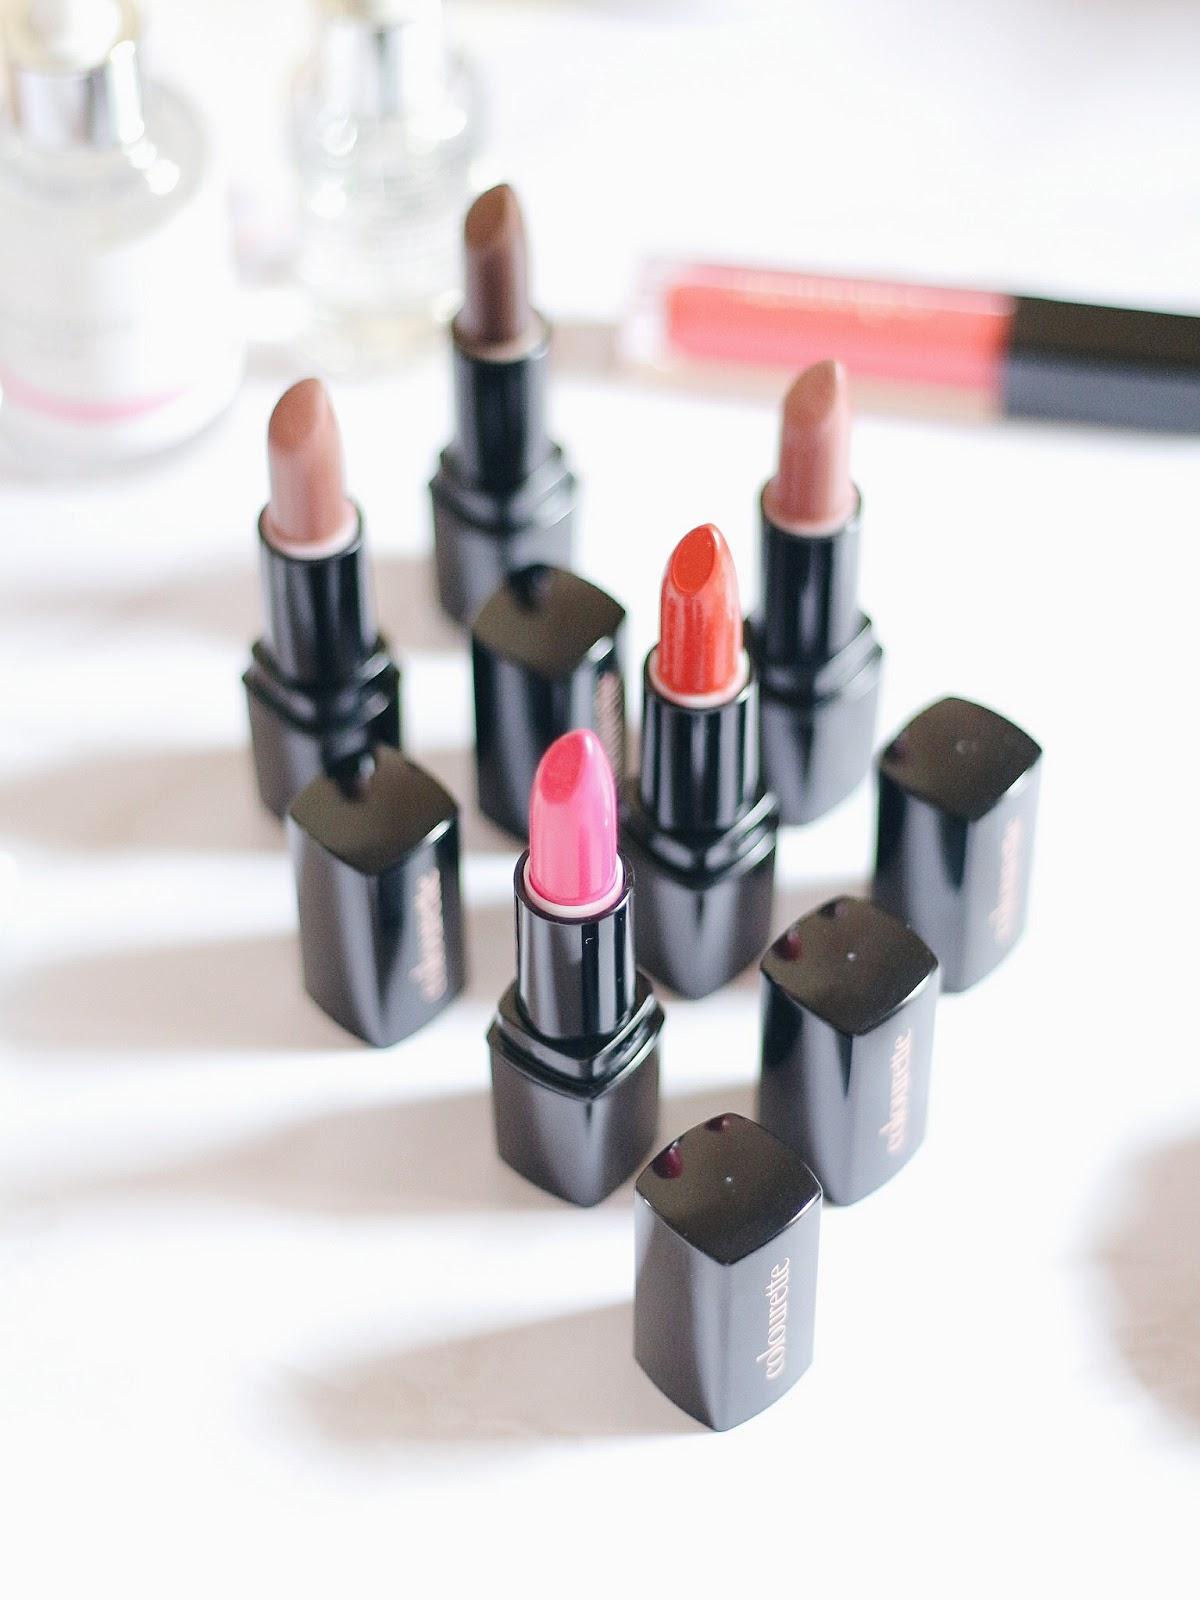 Colourette Cosmetics Review Swatch Lipstick Coloursnaps